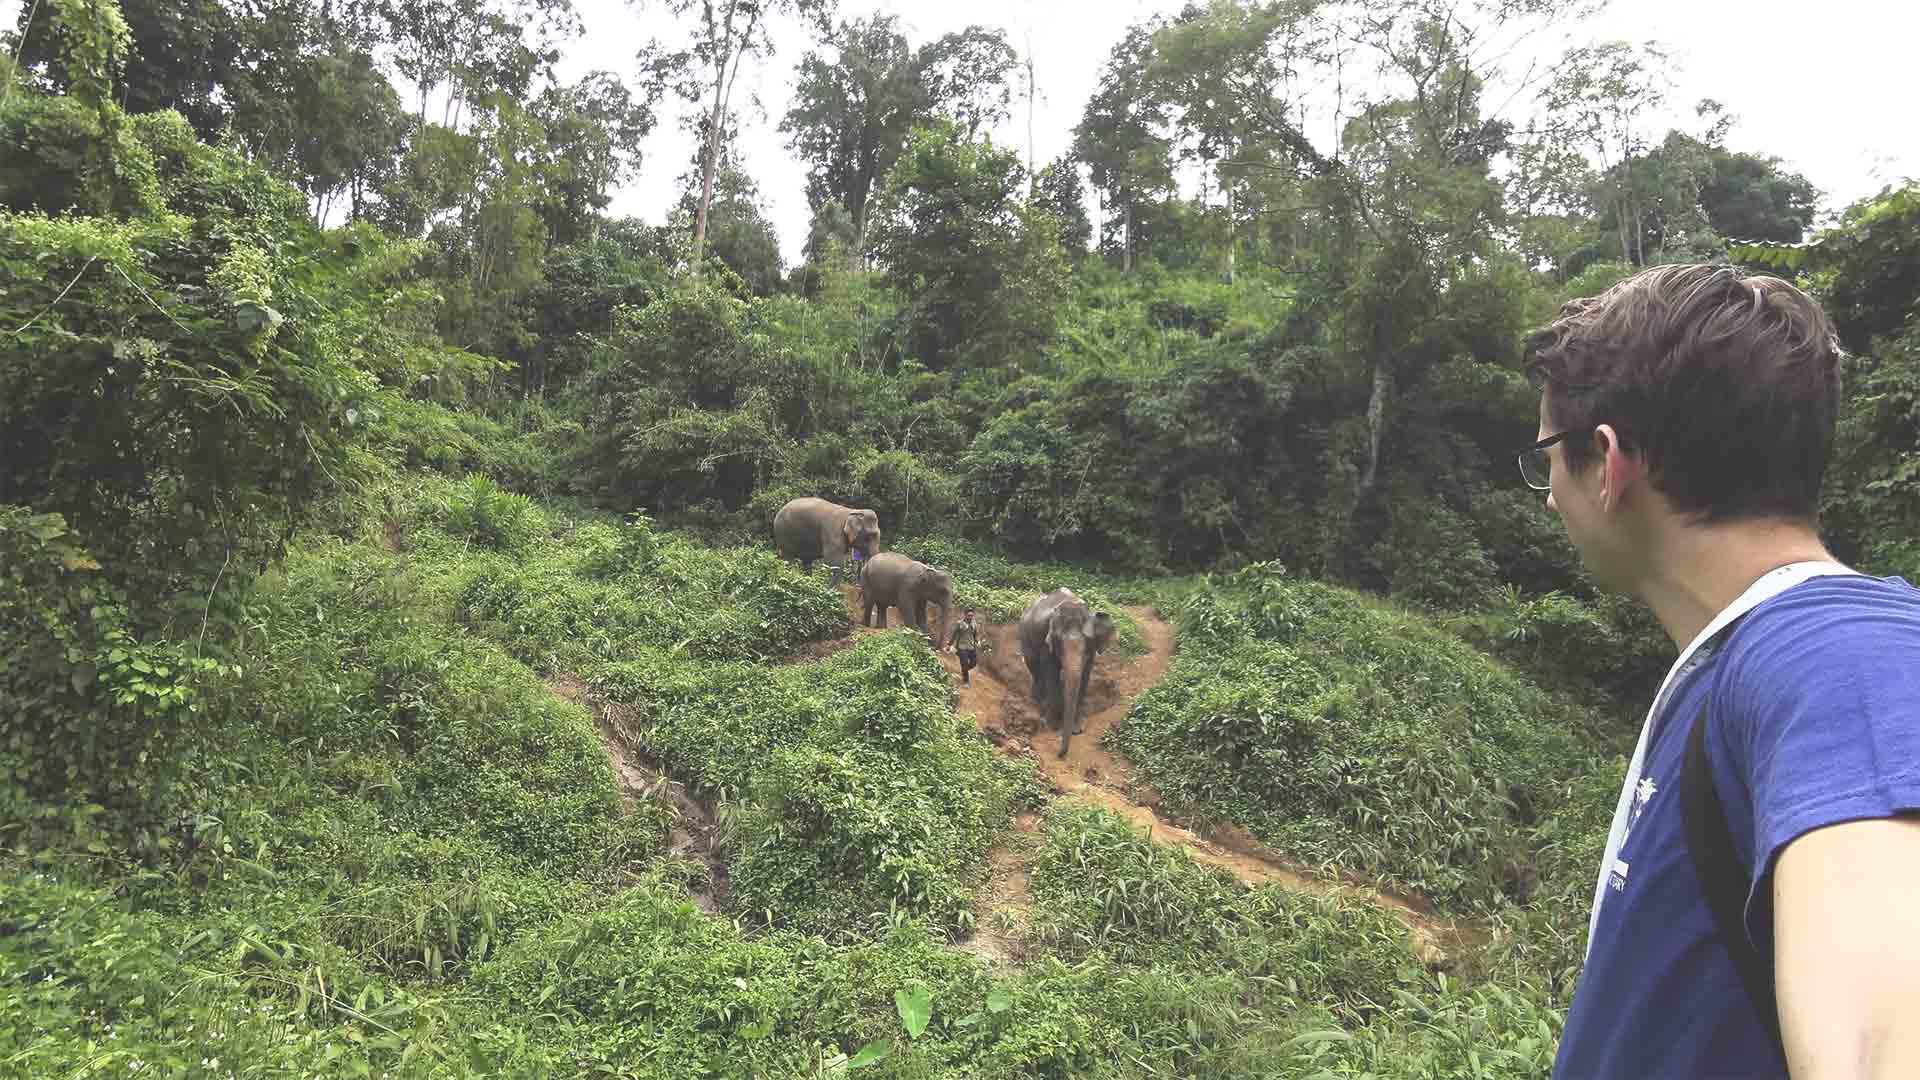 Elefantentour - Chiang Mai Mountain Sanctuary - Trekking-Tour durch den Dschungel - Abstieg mit den Elefanten